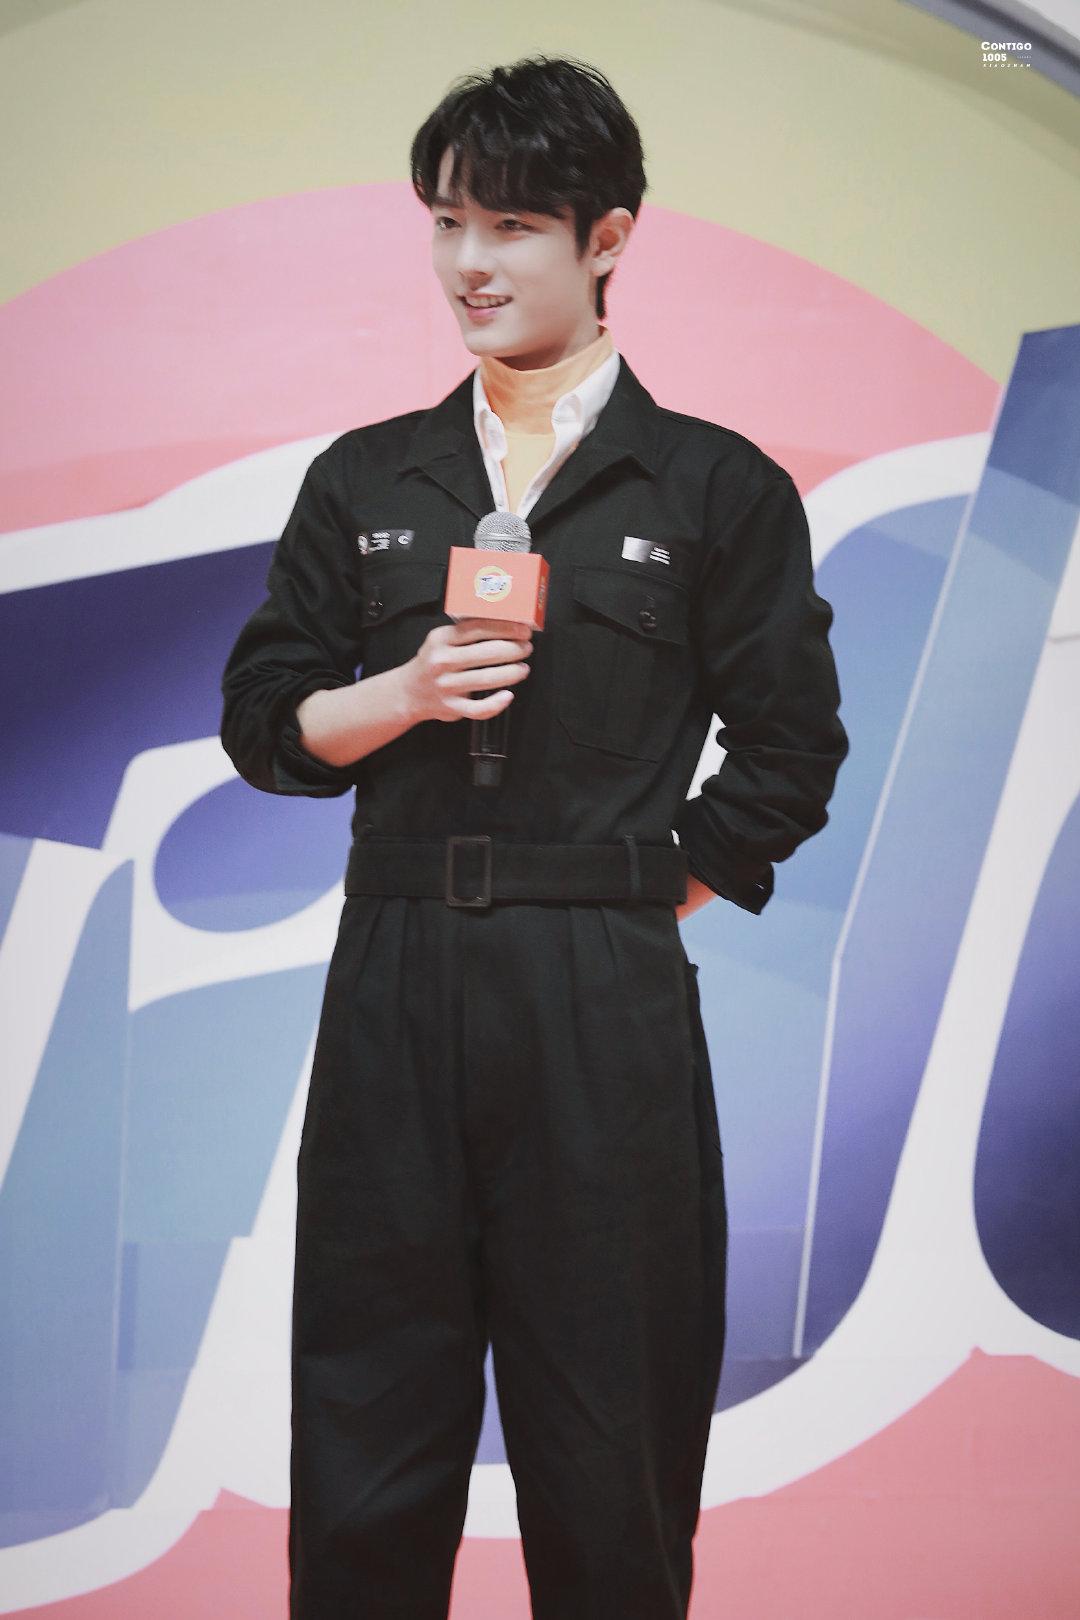 肖战品牌发布会饭拍~今日份橙色内搭+黑色连体工装裤的战战